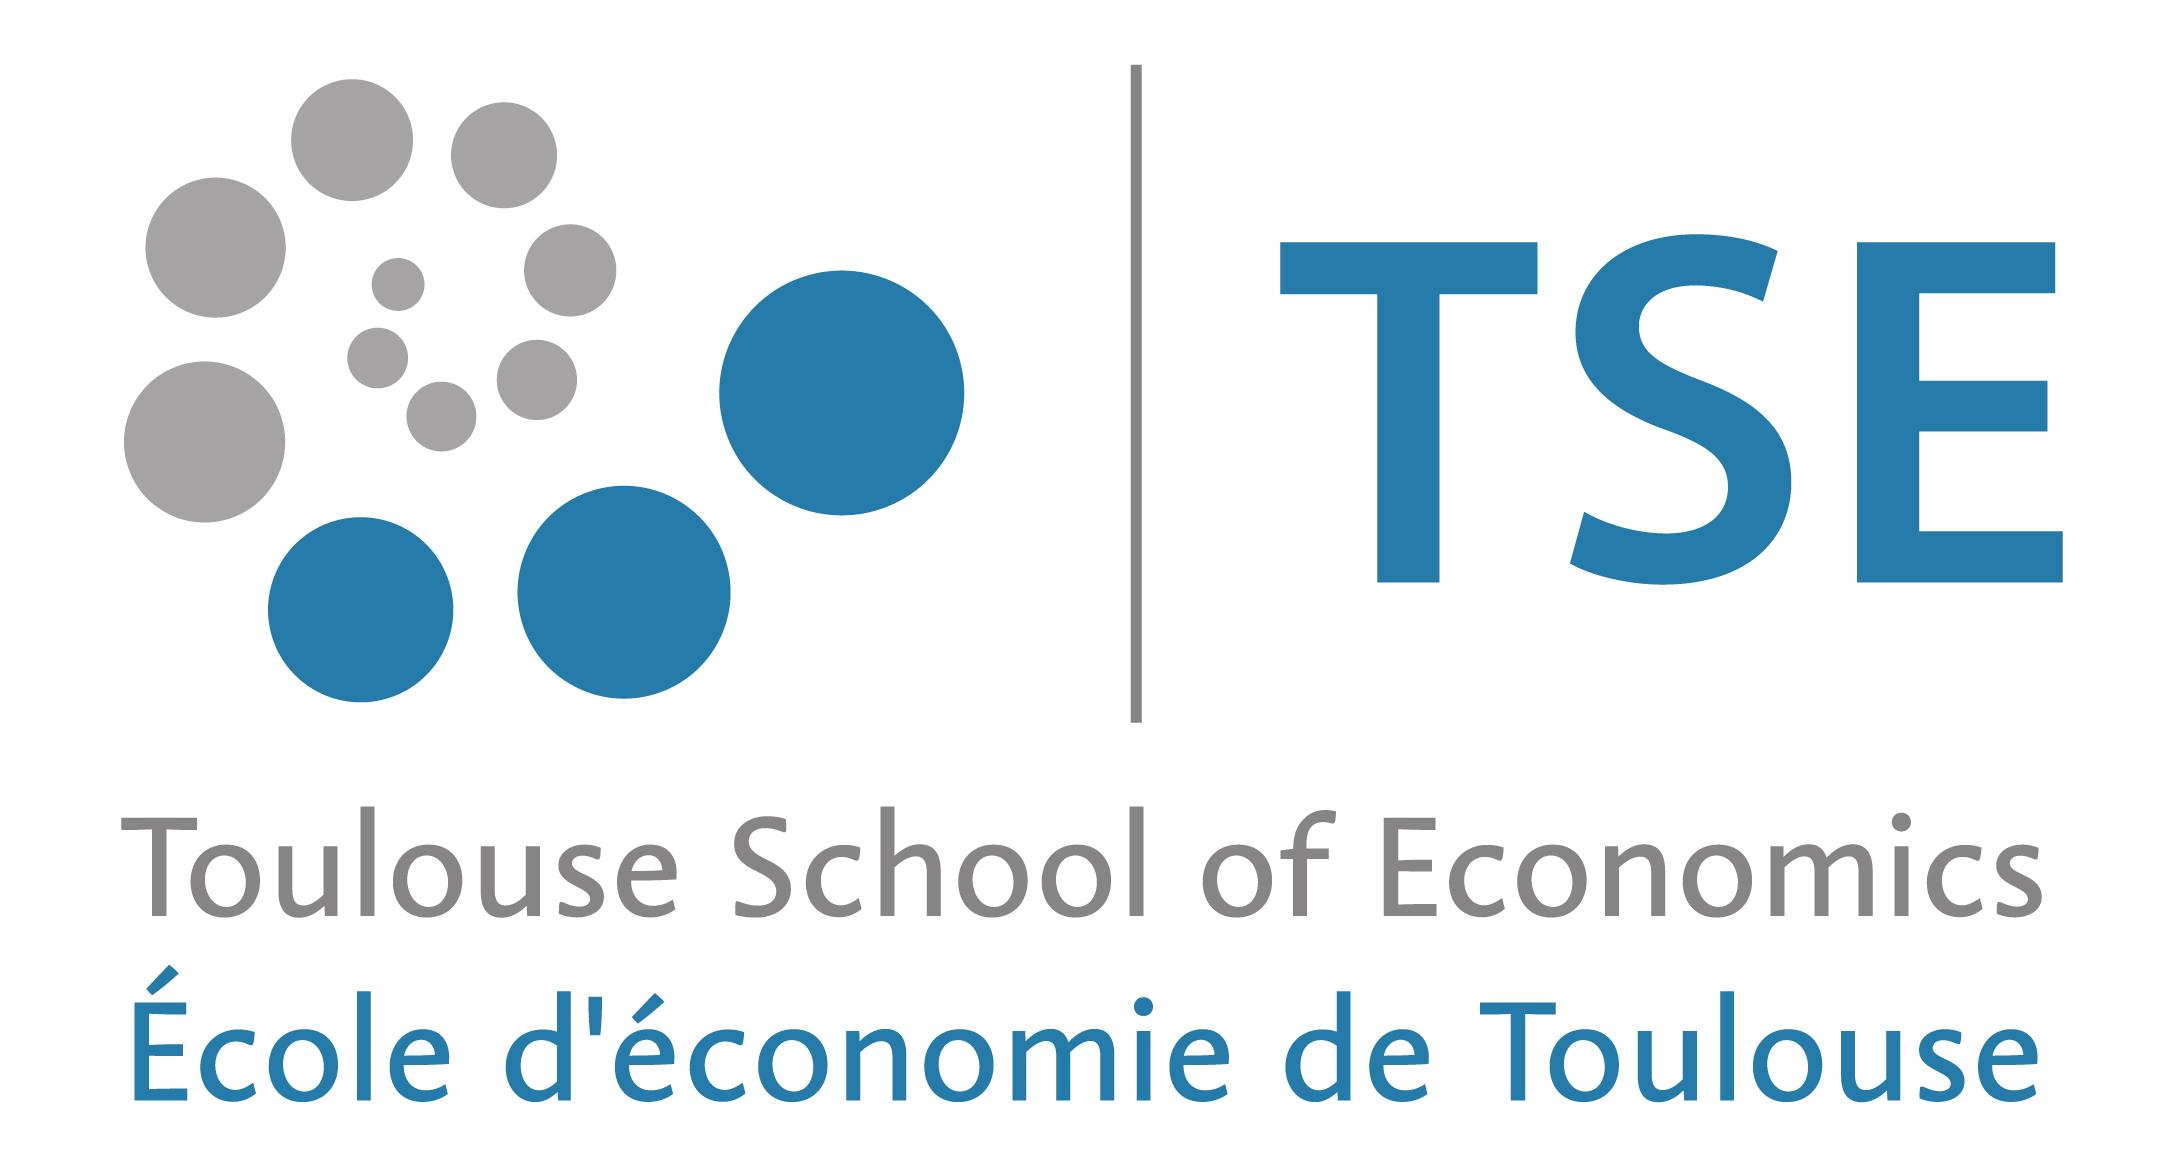 """Jean TIROLE, Prix Nobel d'économie (2014) : """"Dexia was deemed solvent before it defaulted"""", une vue sur les stress tests des banques"""